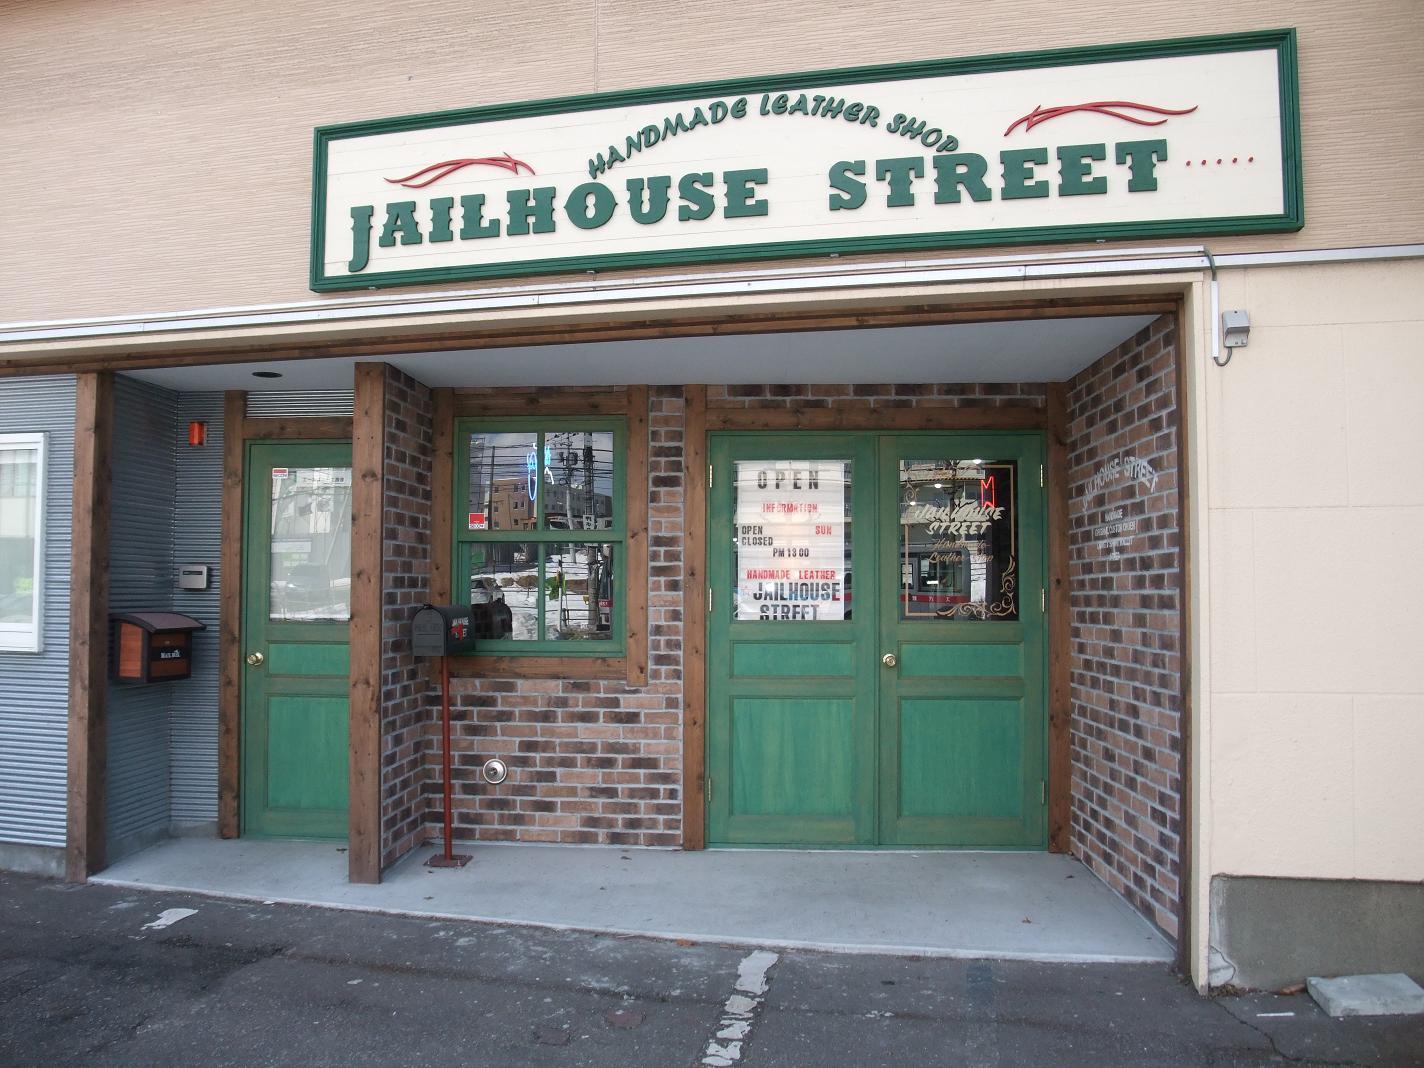 ジェイルハウス ストリート